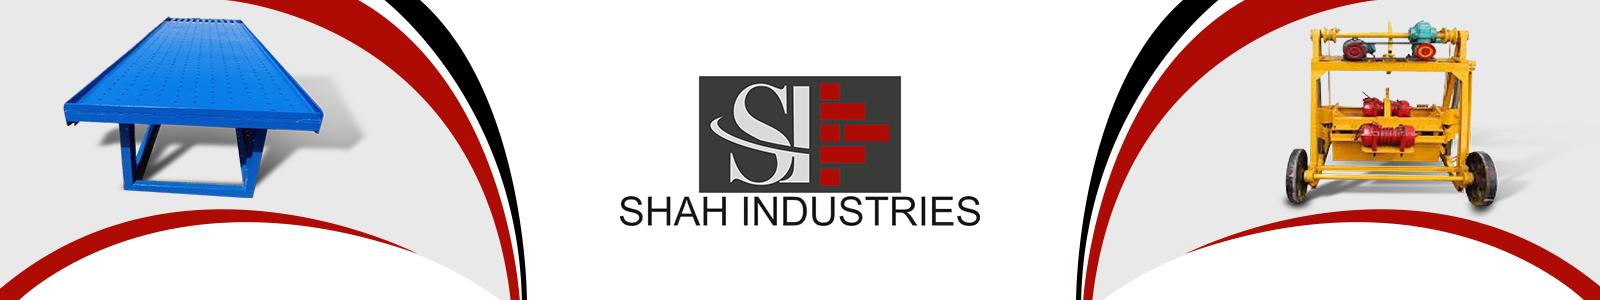 Shah Industries